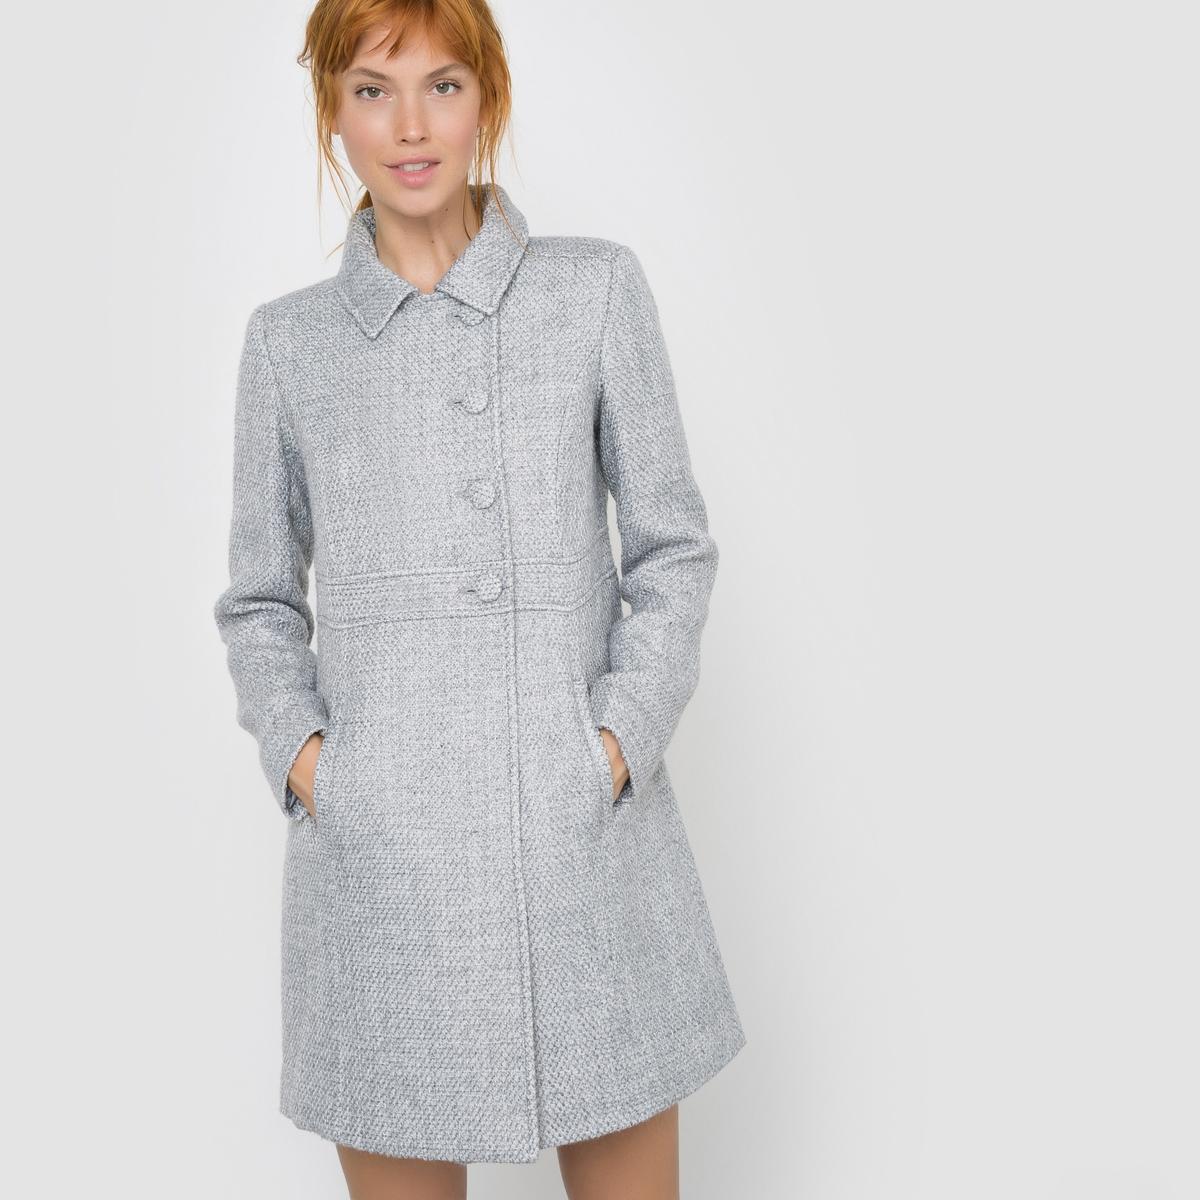 Пальто приталенное из рельефного материалаПальто с длинными рукавами Mademoiselle R. Пальто приталенного покроя. Рельефный материал. Асимметричная застежка на пуговицы. Боковые карманы. Воротник-поло.Состав и описаниеМарка : Mademoiselle RМатериал : 65% полиэстера, 20% шерсти, 10% акрила, 5% других волоконПодкладка : 100% полиэстерДлина : 85 см УходРекомендована только сухая чисткаГладить при очень низкой температуре<br><br>Цвет: розовый,светло-серый<br>Размер: 36 (FR) - 42 (RUS).42 (FR) - 48 (RUS)